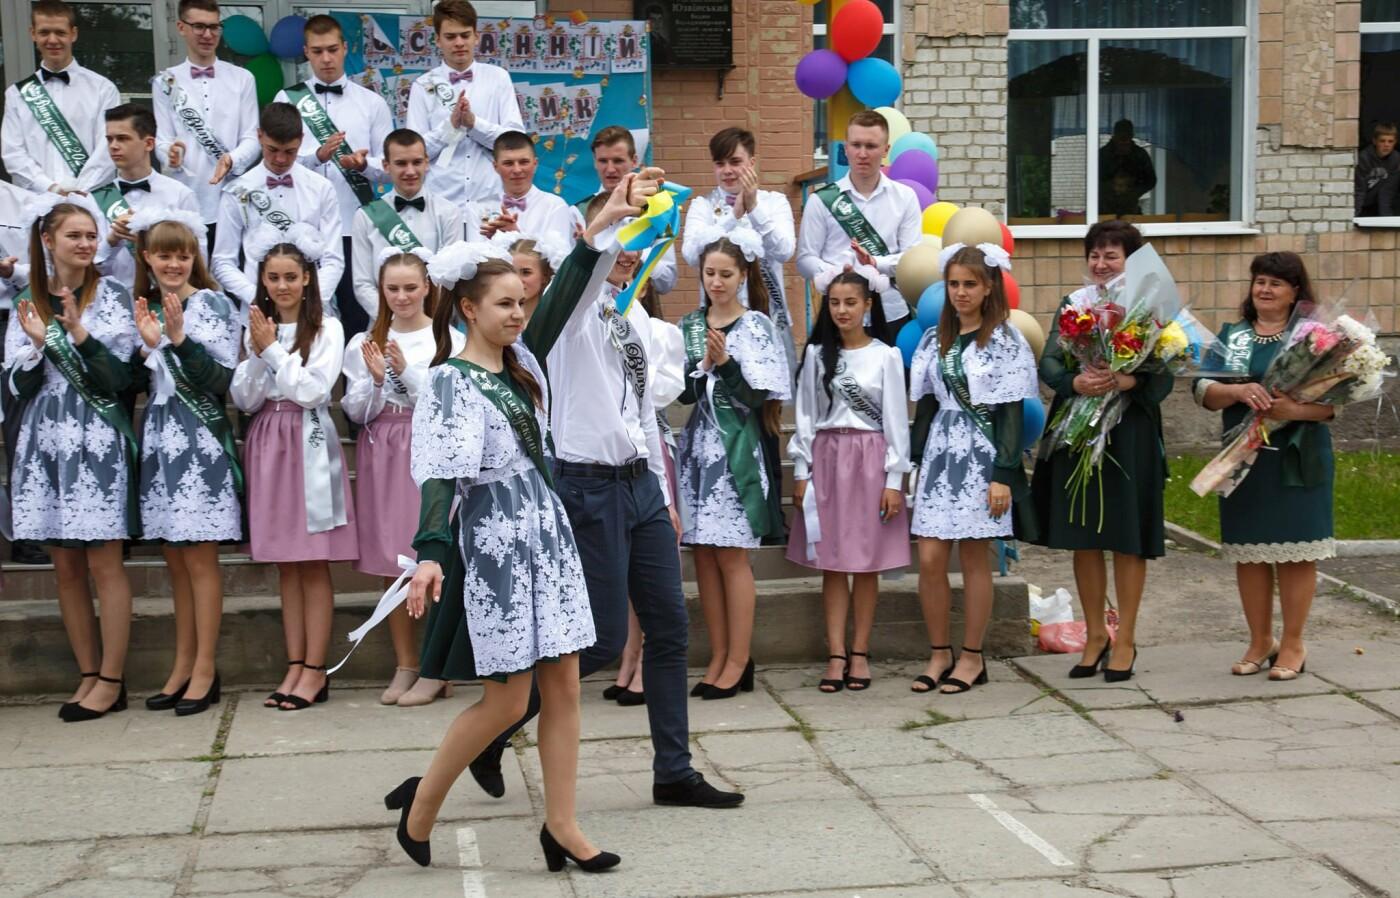 Останній дзвоник пролунав у Городницькій школі, фото-1